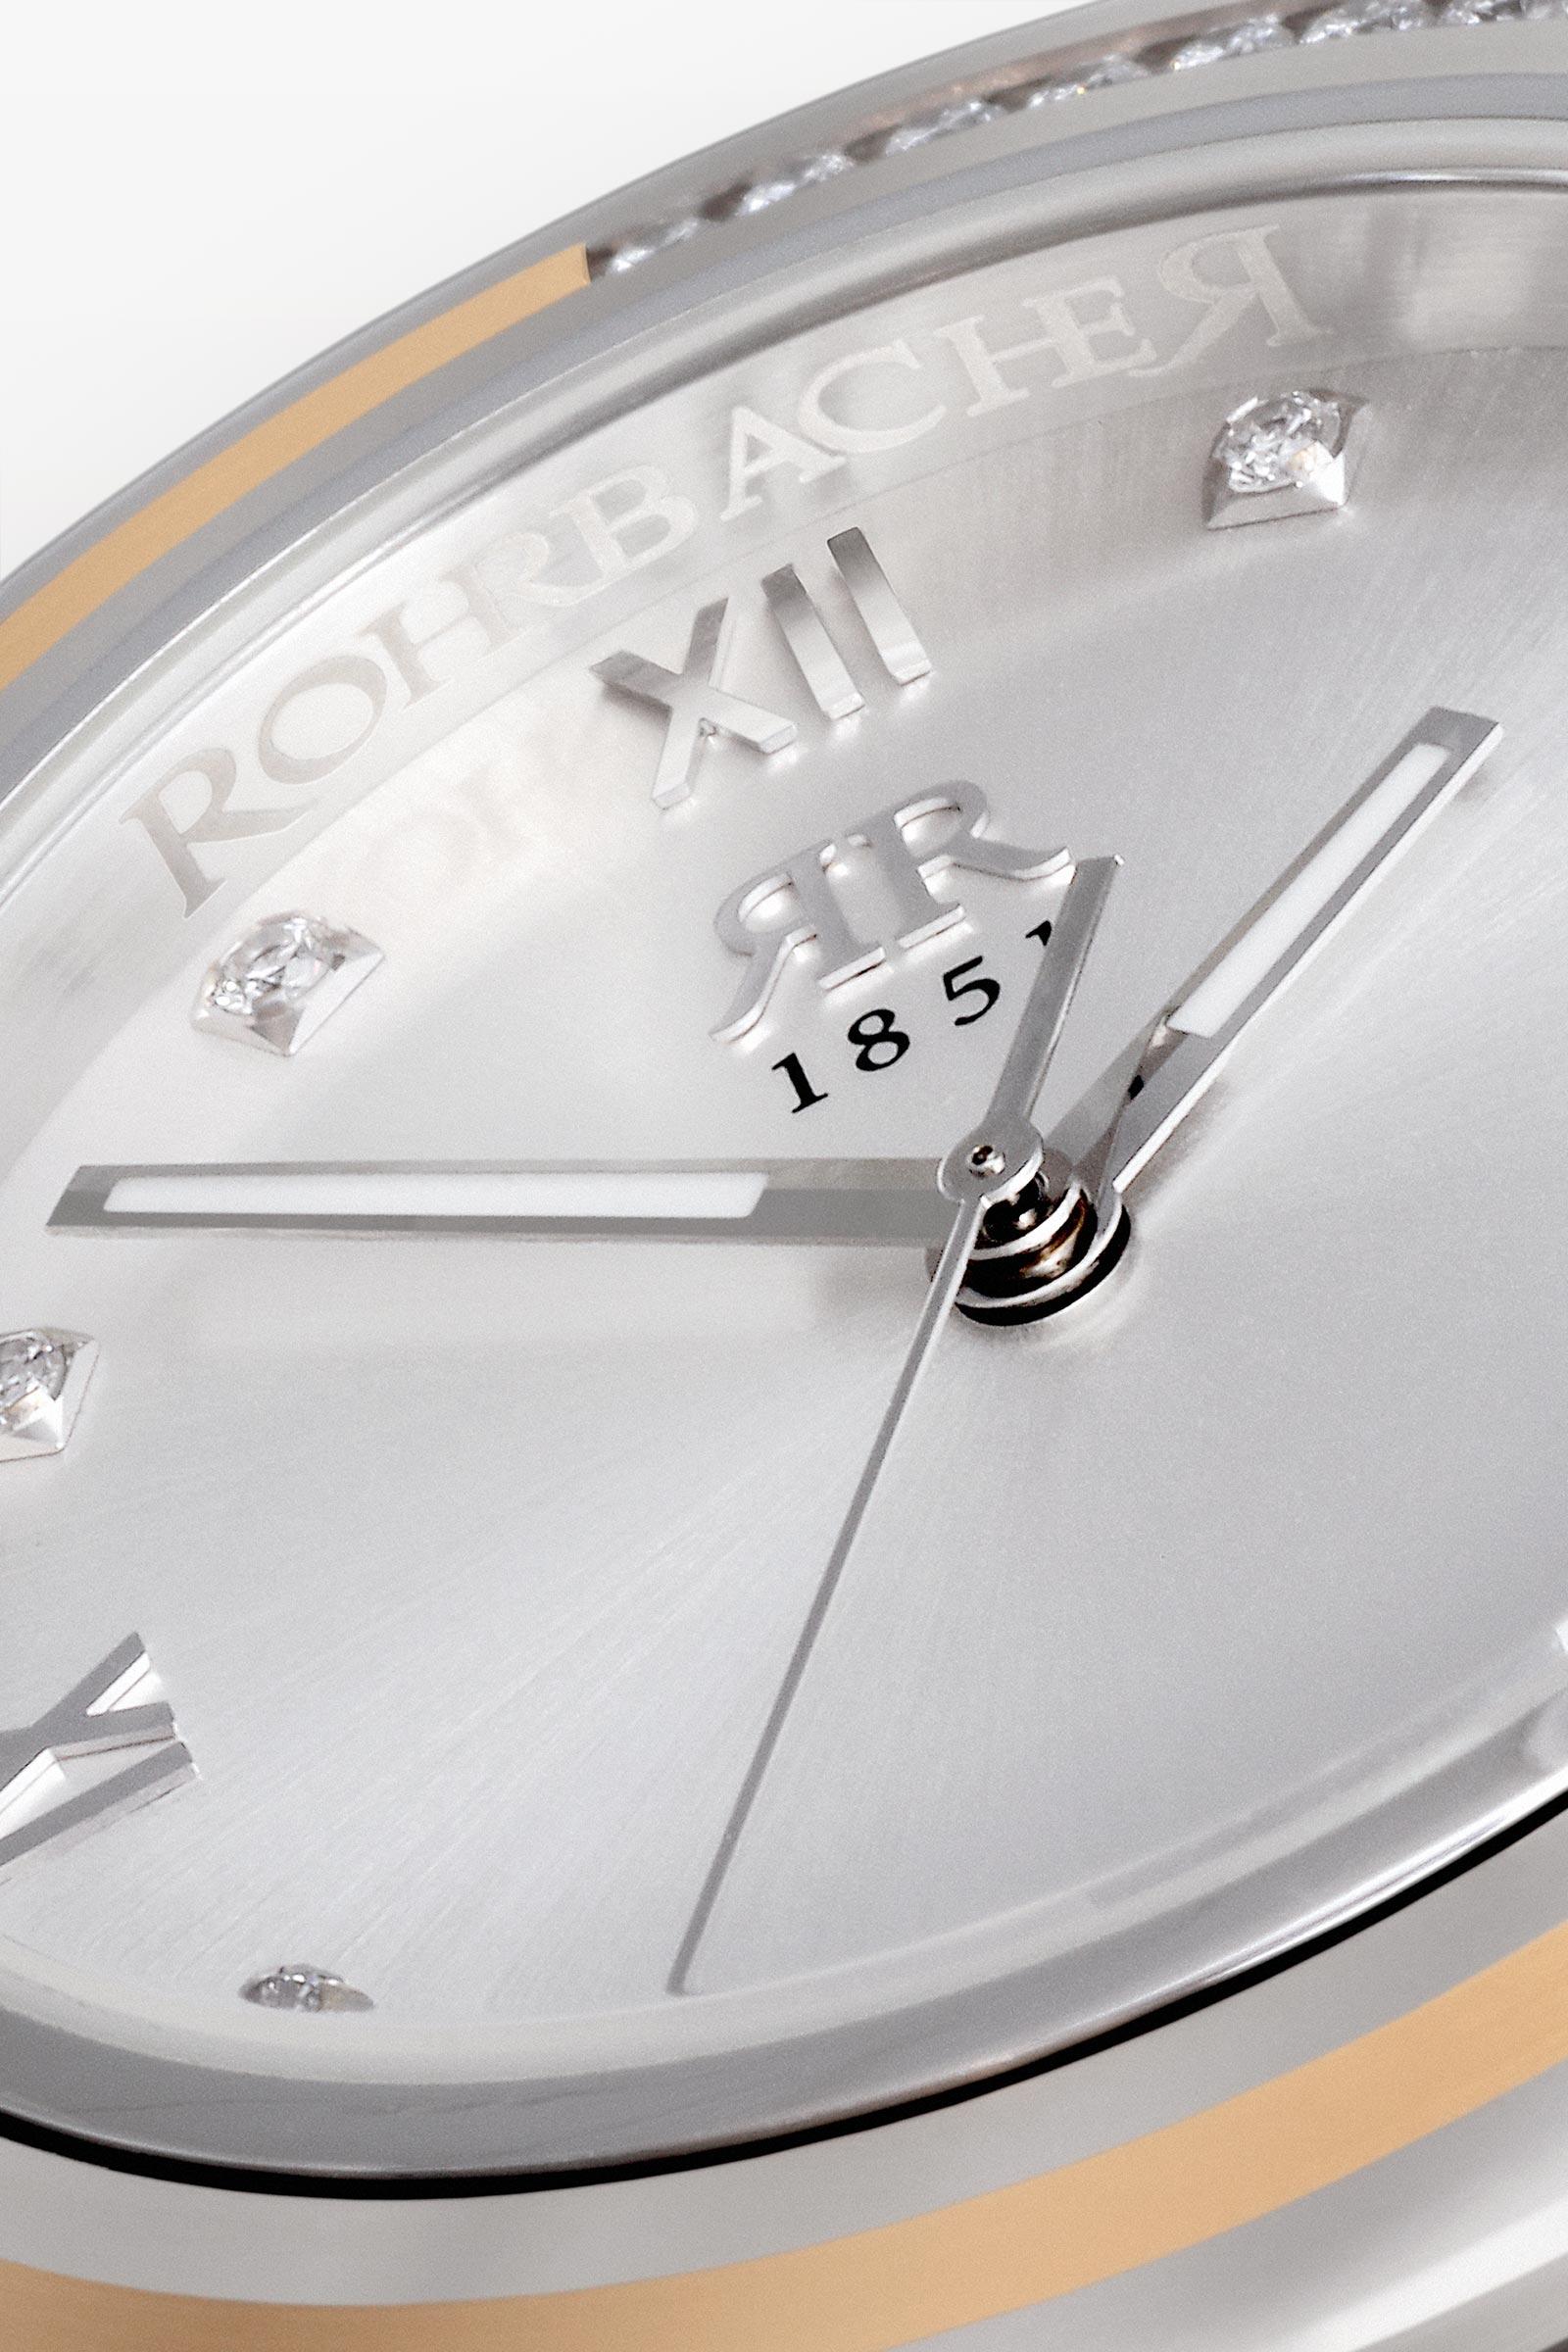 Einzigartiges Kunsthandwerk - Jede Rohrbacher wird einzeln und überwiegend von Hand gefertigt. Deshalb ist jede Rohrbacher ein Unikat. Jede Intarsien aus Gold, Platin oder Tantal, schmieden wir mit streng gehüteter Handwerkskunst von Hand in das Uhrengehäuse. Diese anspruchsvolle Kunstfertigkeit ist in der Uhrenwelt genauso einmalig wie unsere patentierte Brillanten-Fasstechnik.